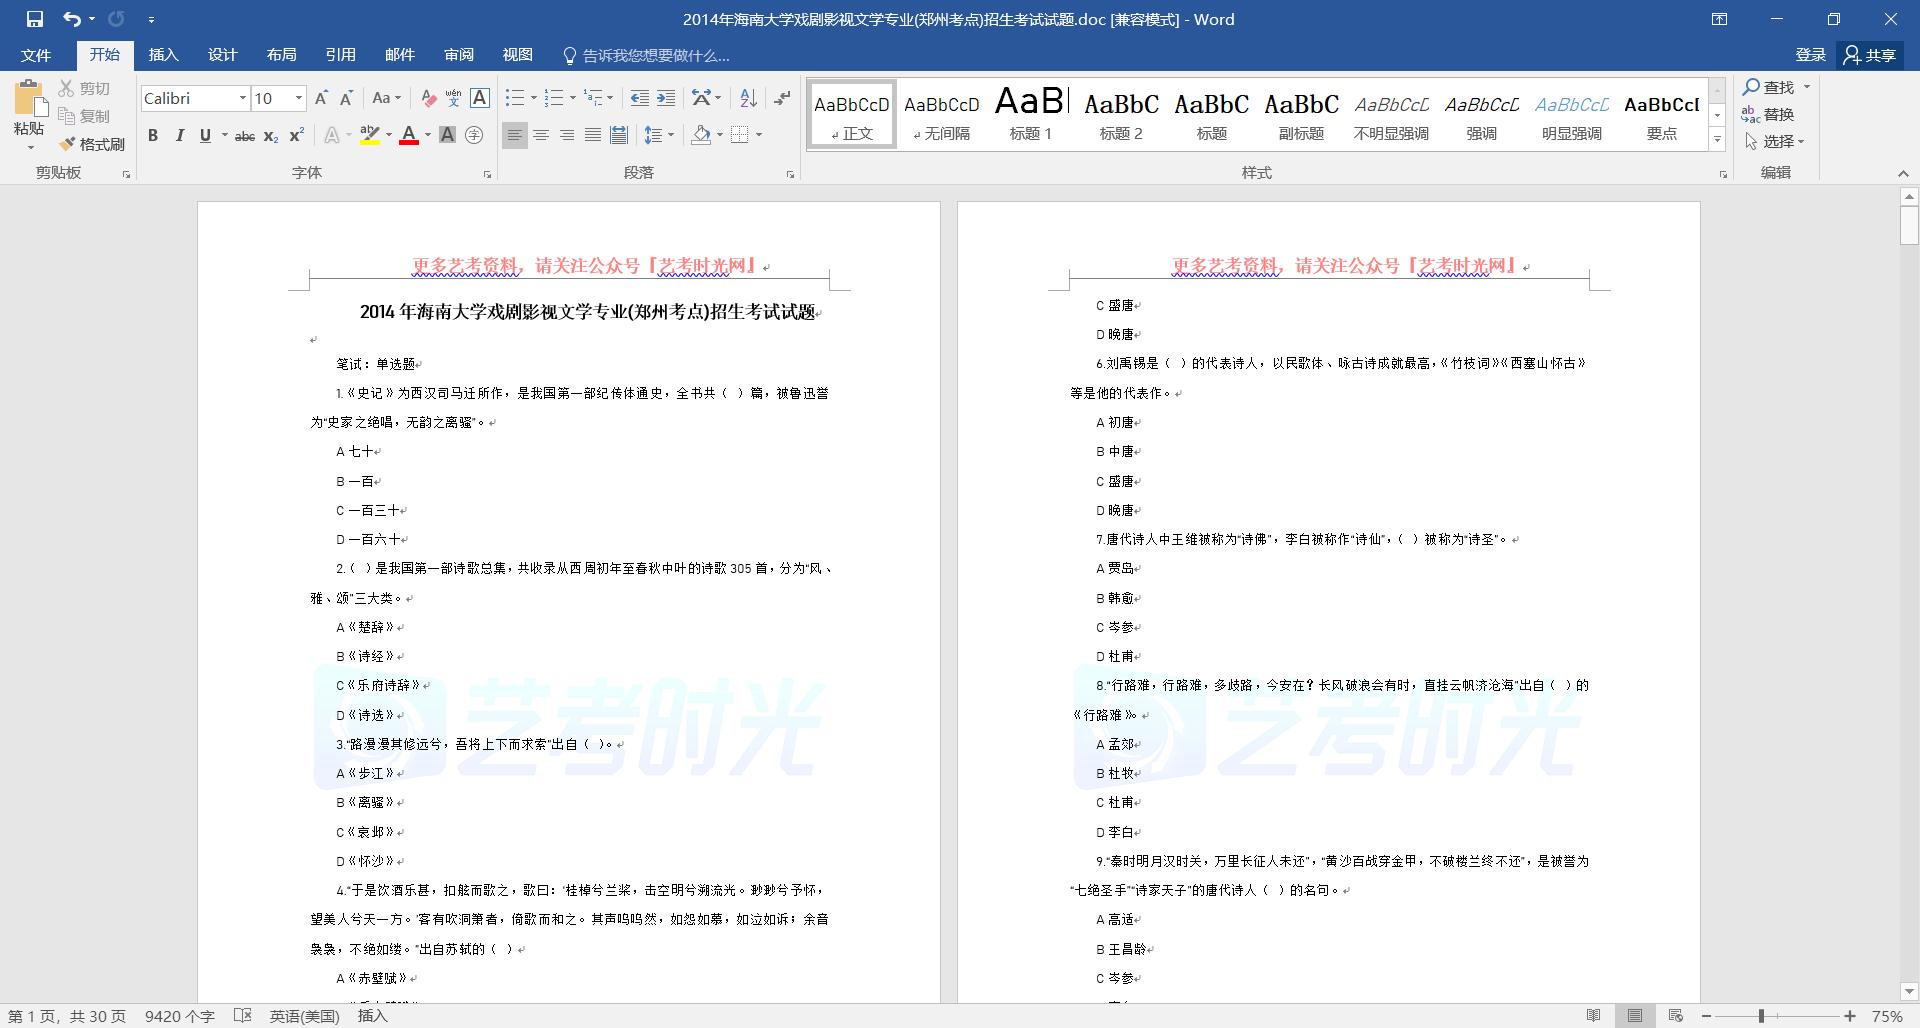 2014年海南大学戏剧影视文学考试真题(含答案)